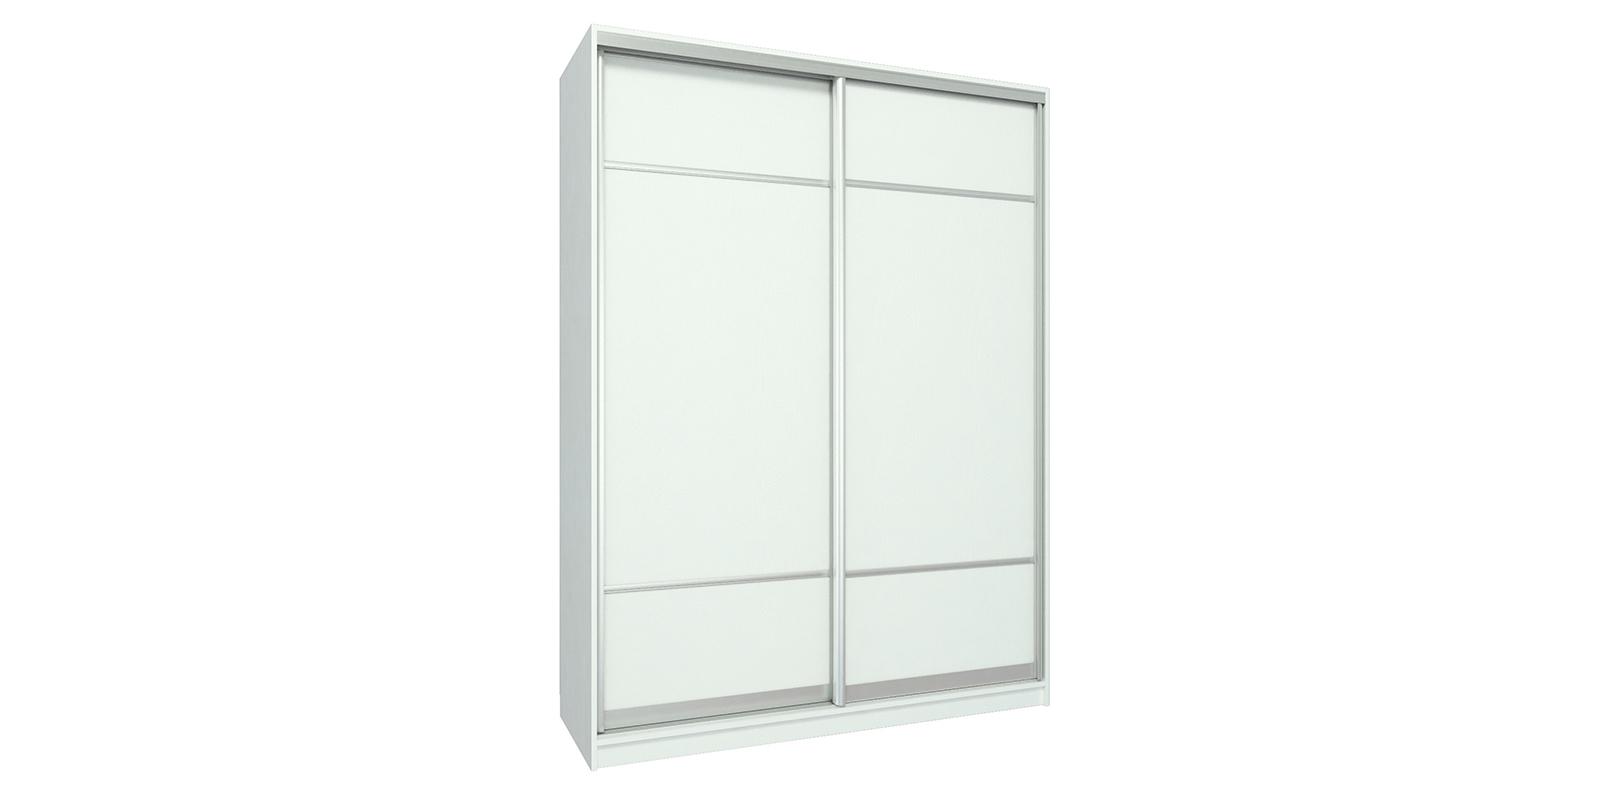 Купить шкаф-купе двухдверный бостон 160 см (белый) со скидко.